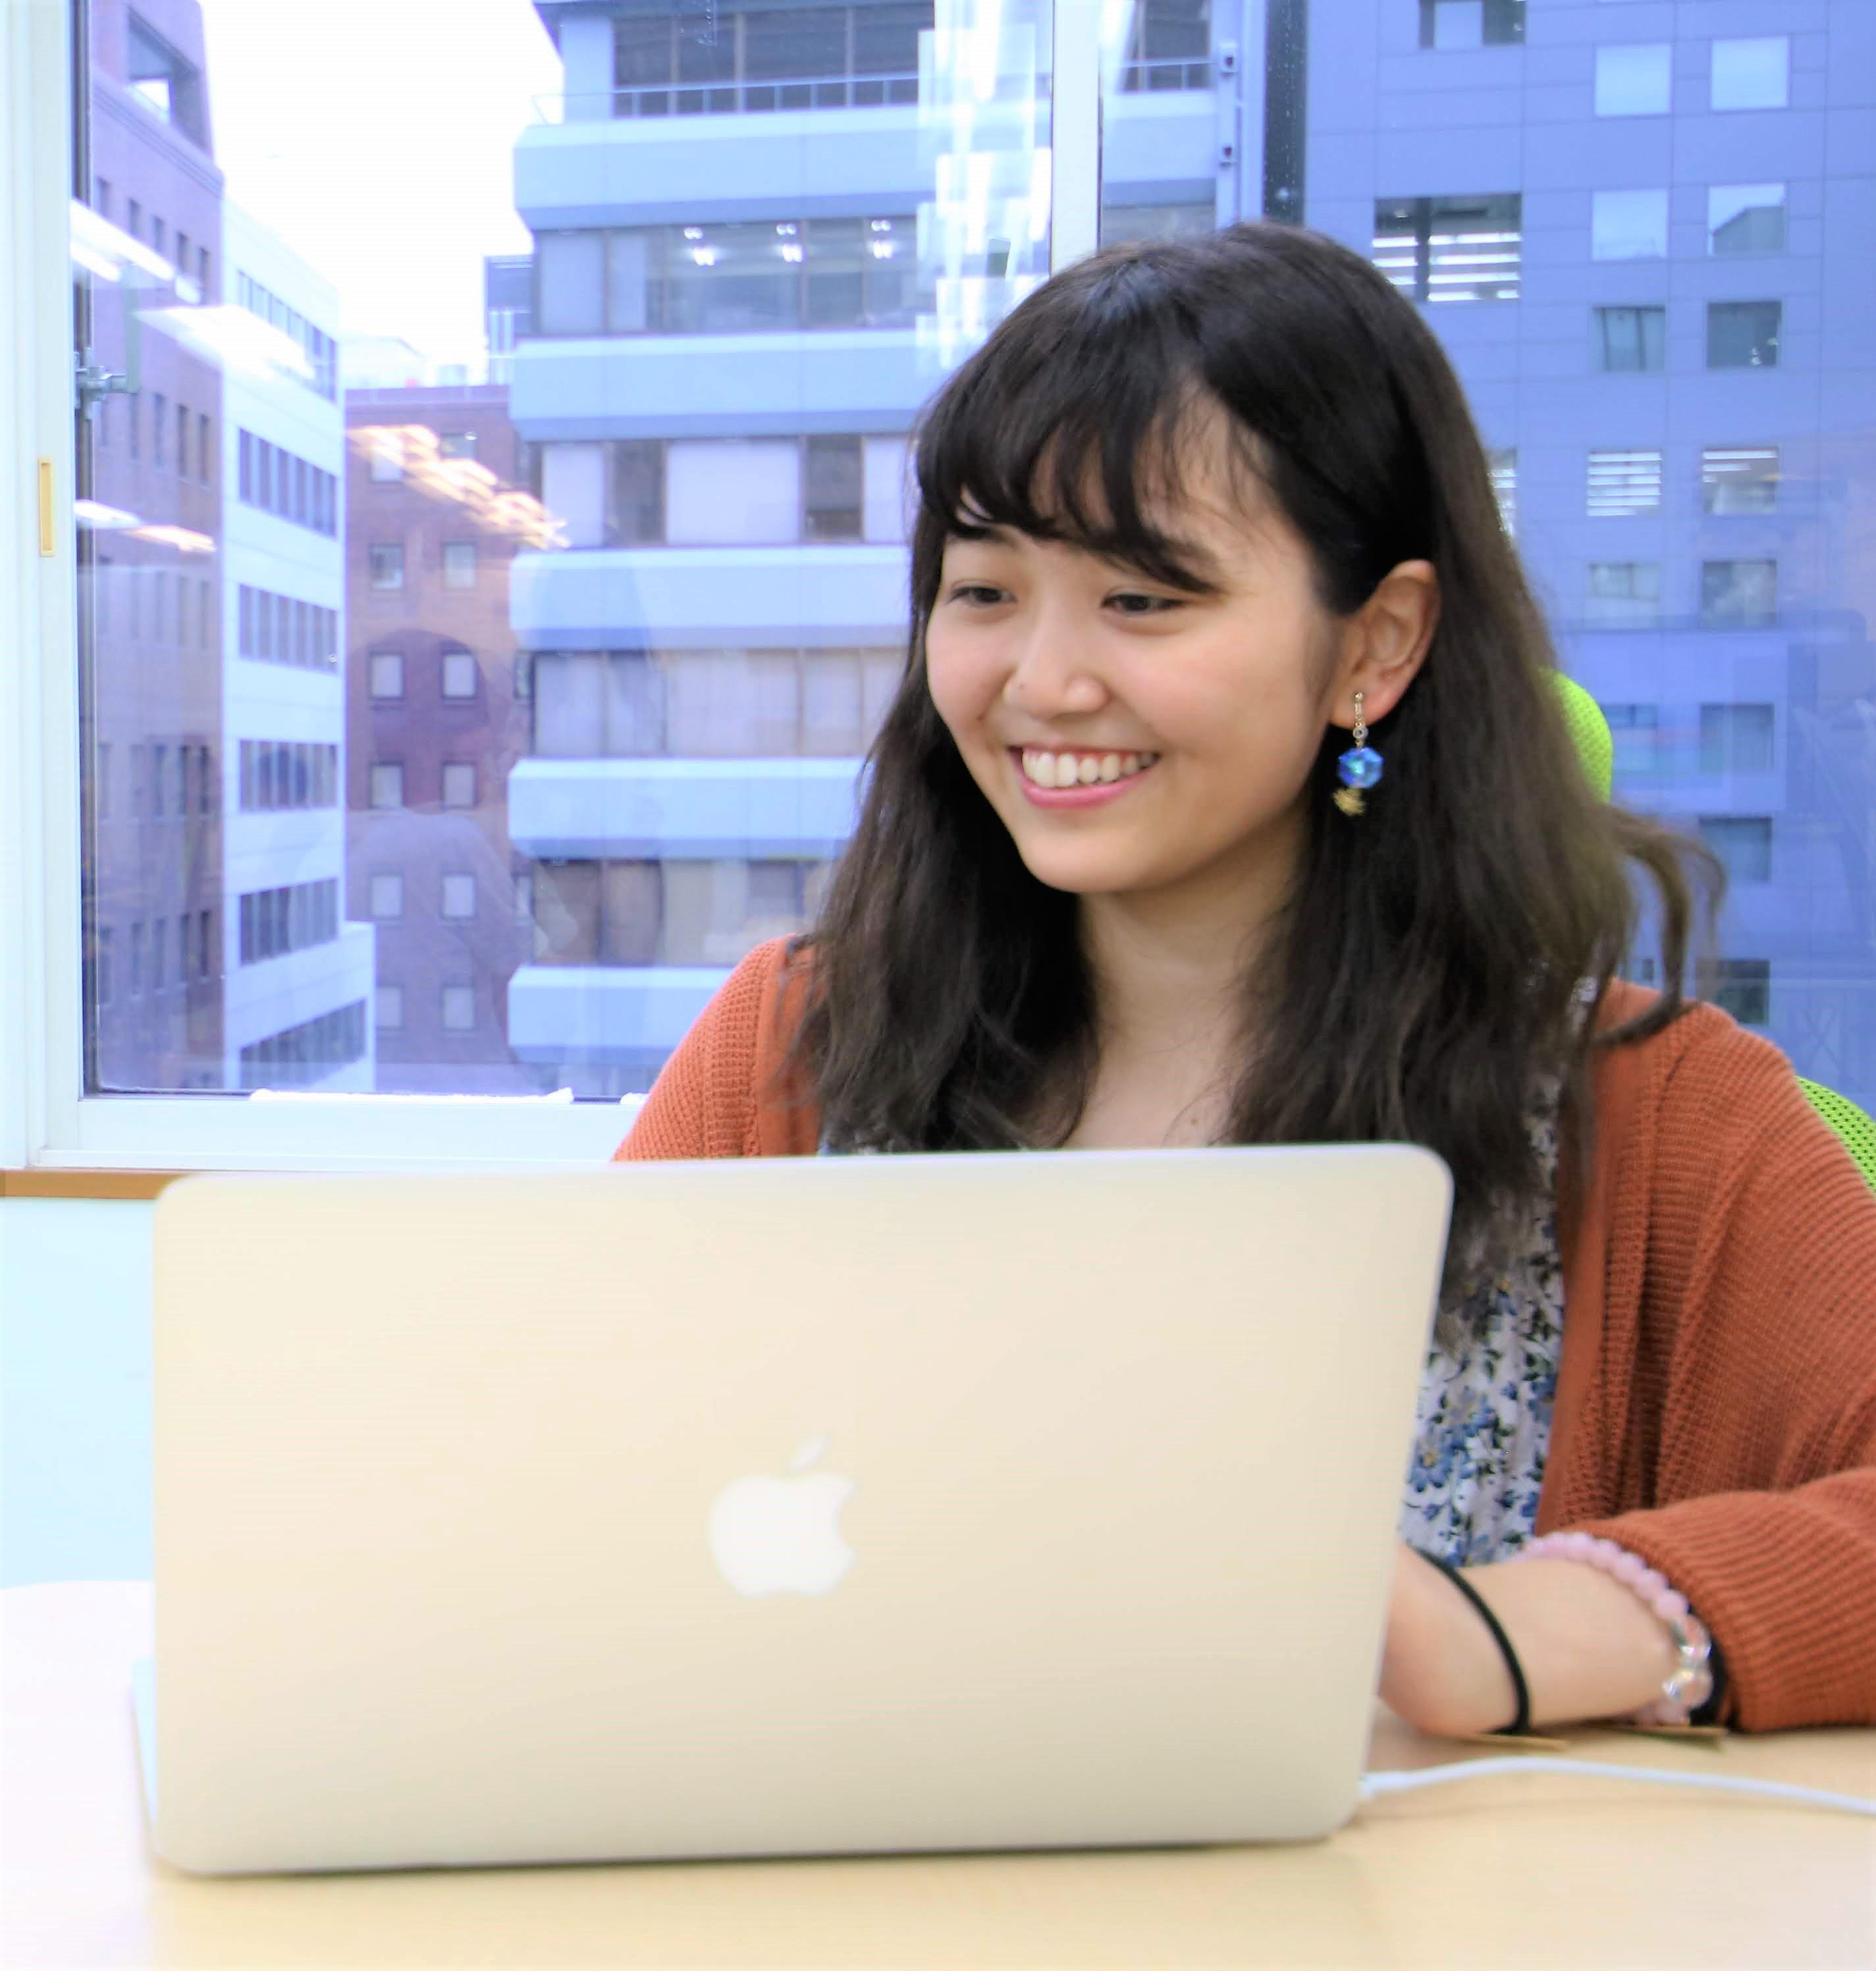 【インタビュー1】22歳/仮想通貨事業部リーダー